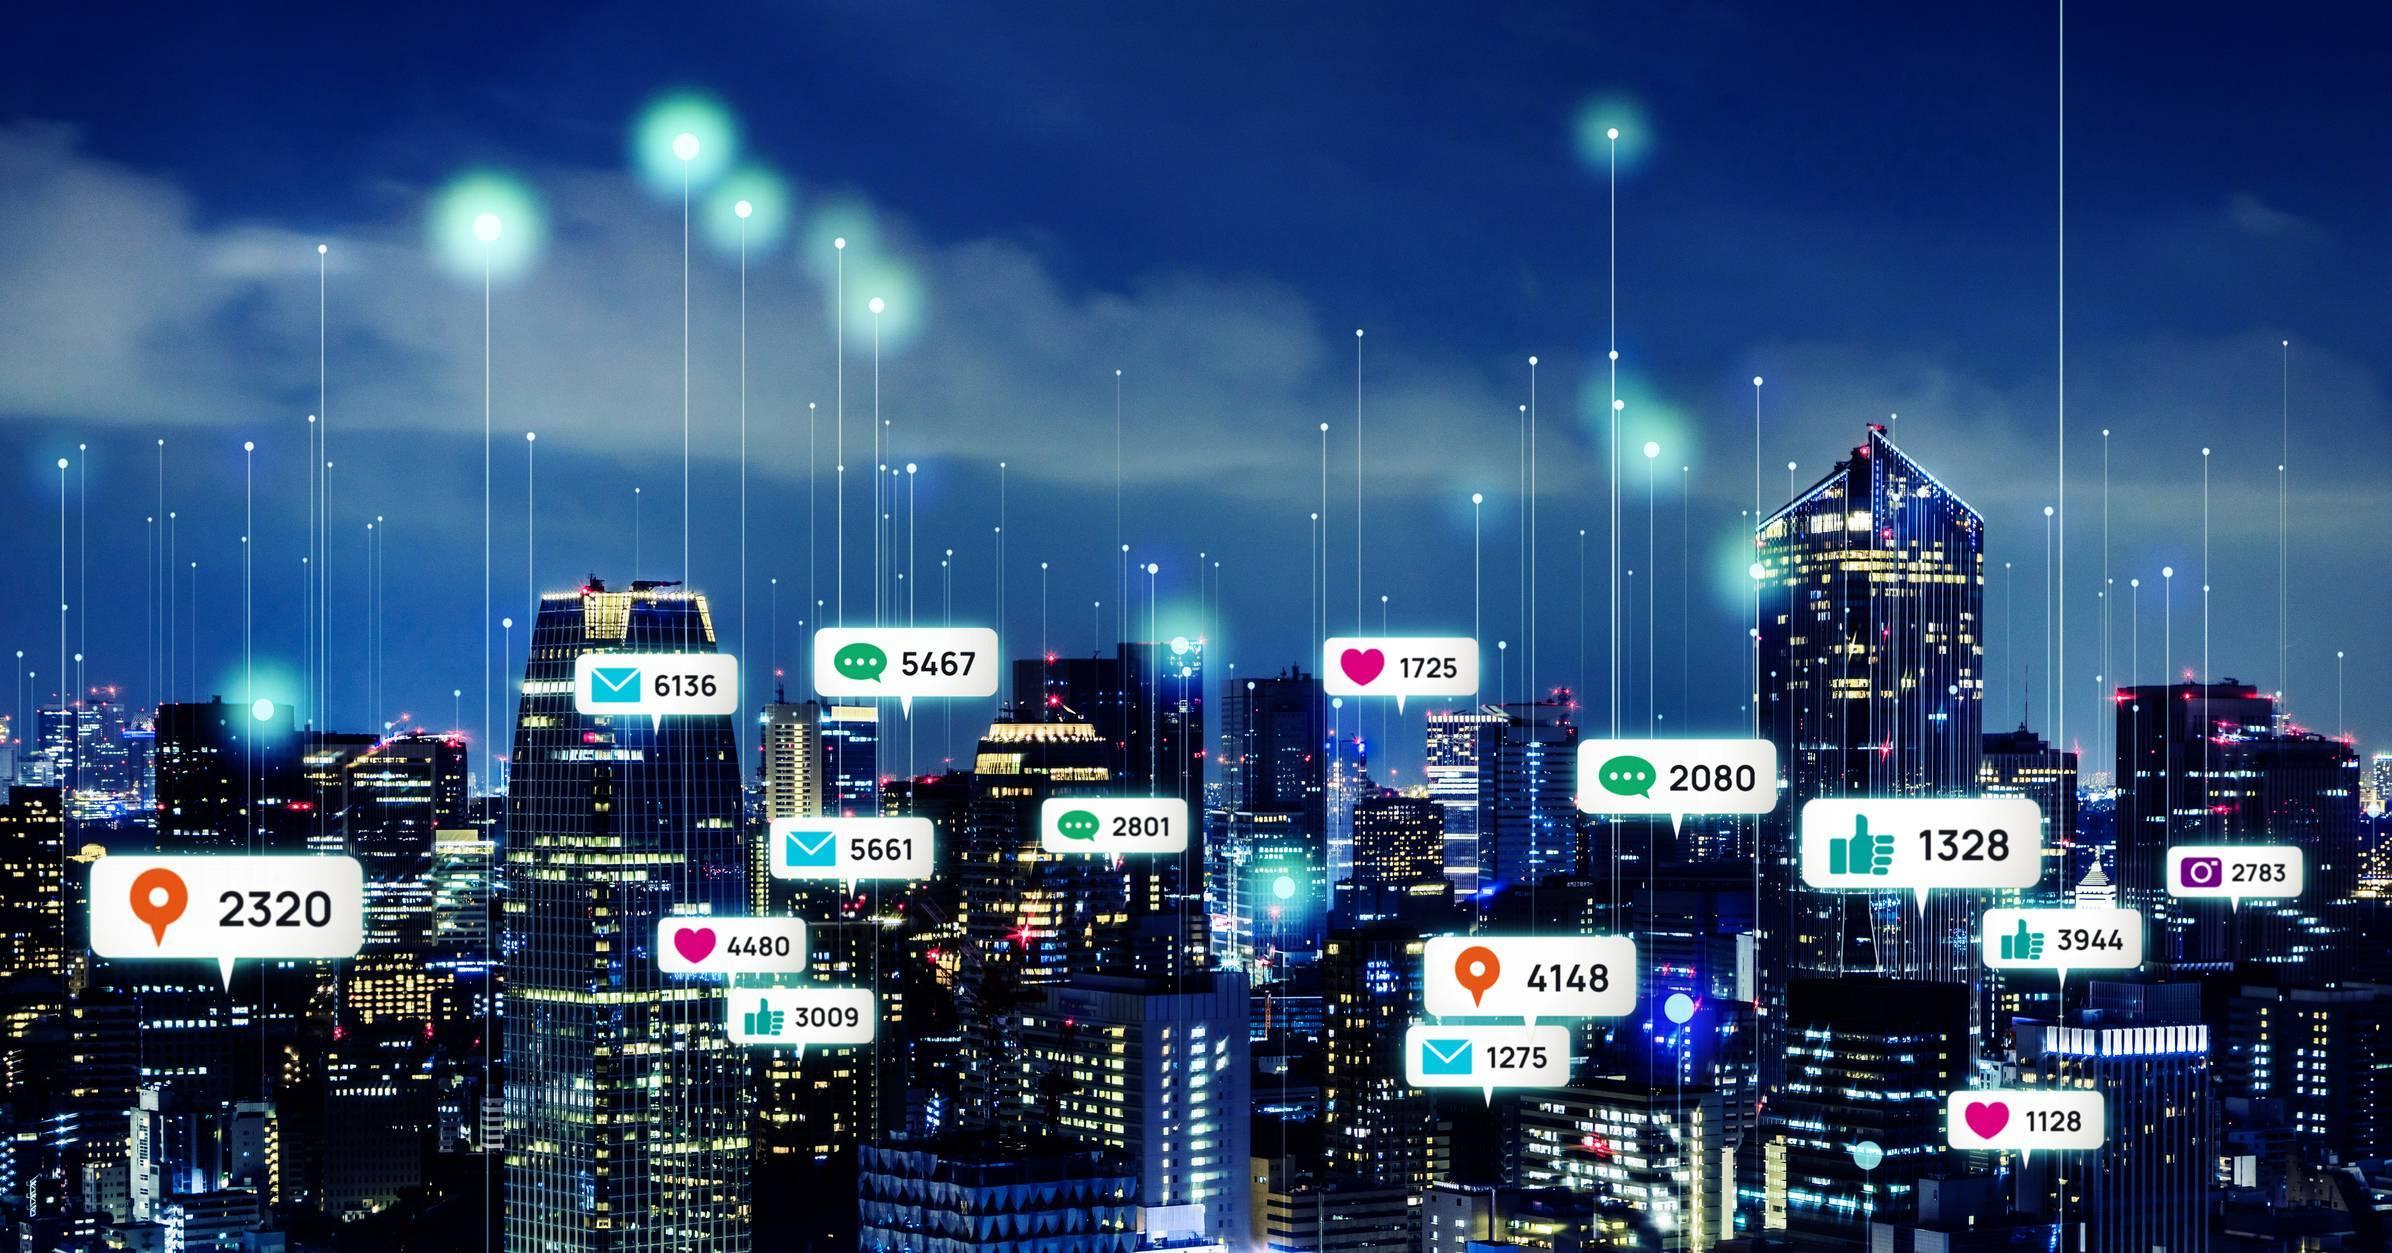 L'achat d'abonnés sur les réseaux sociaux, pour donner de la visibilité à votre commerce en ligne